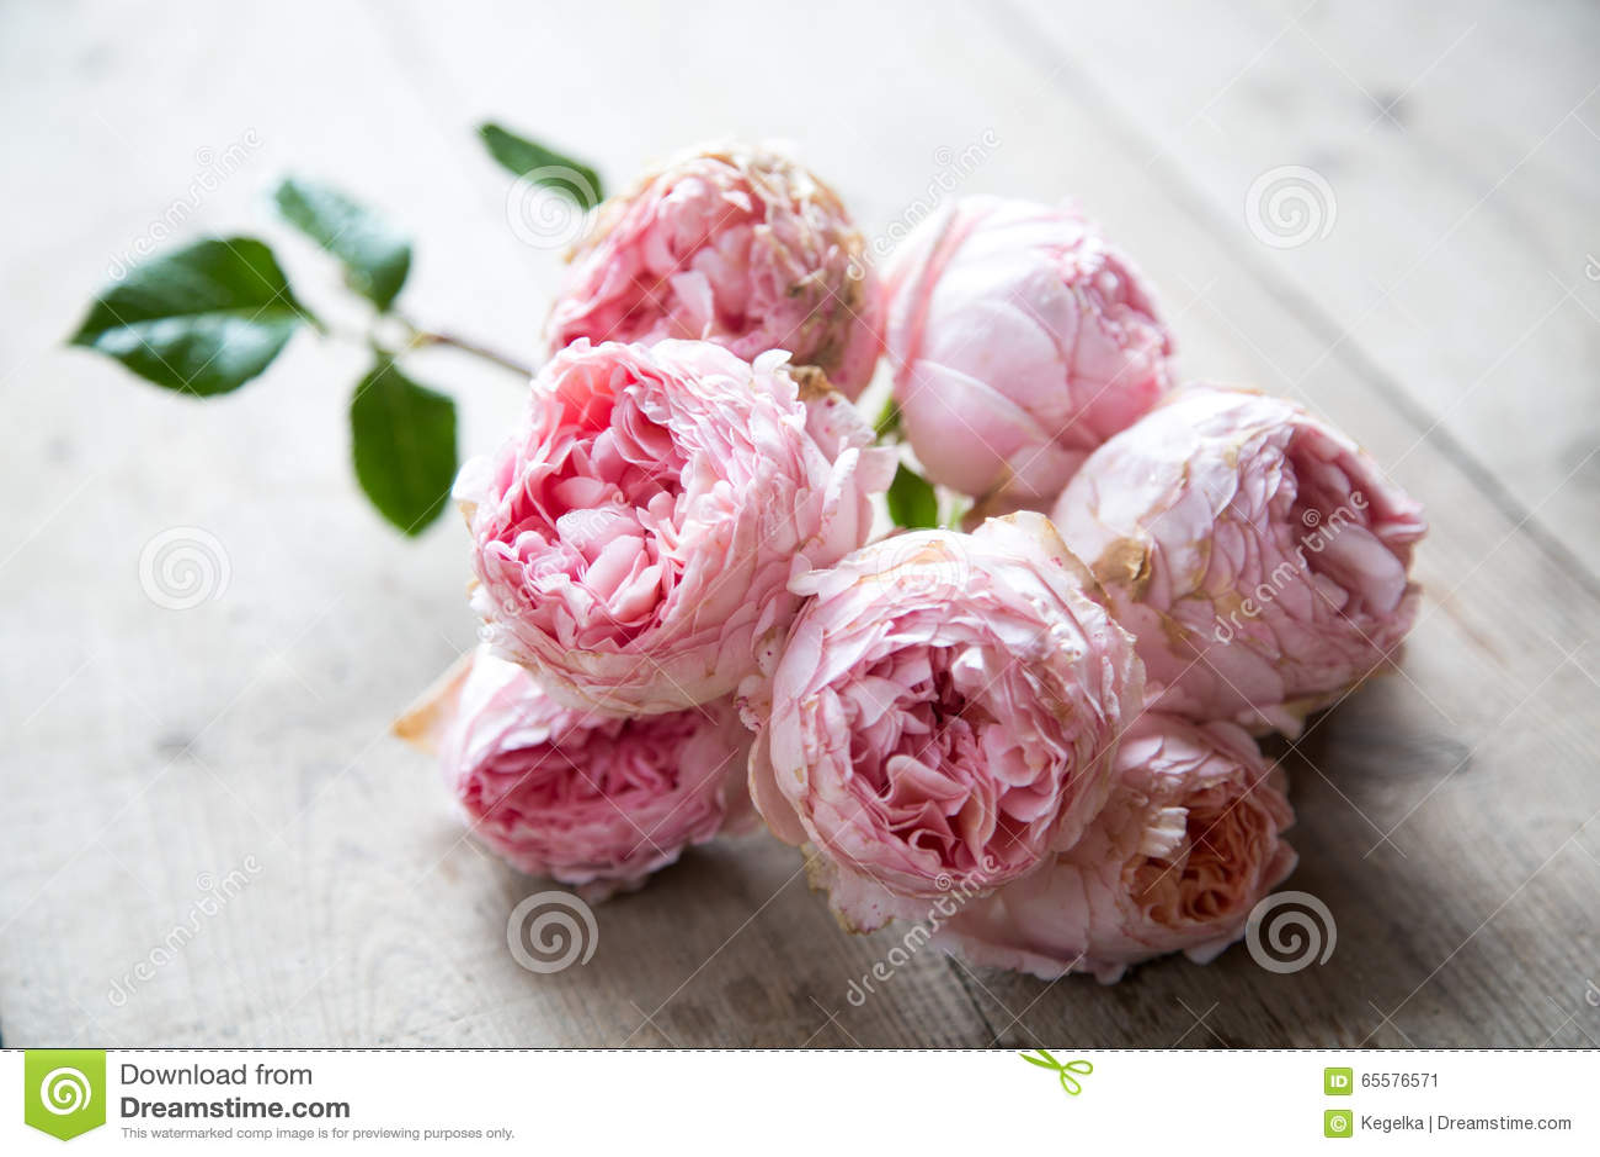 rosa englische rosen auf einem bretterboden stockbild bild von hintergrund blumen 65576571. Black Bedroom Furniture Sets. Home Design Ideas